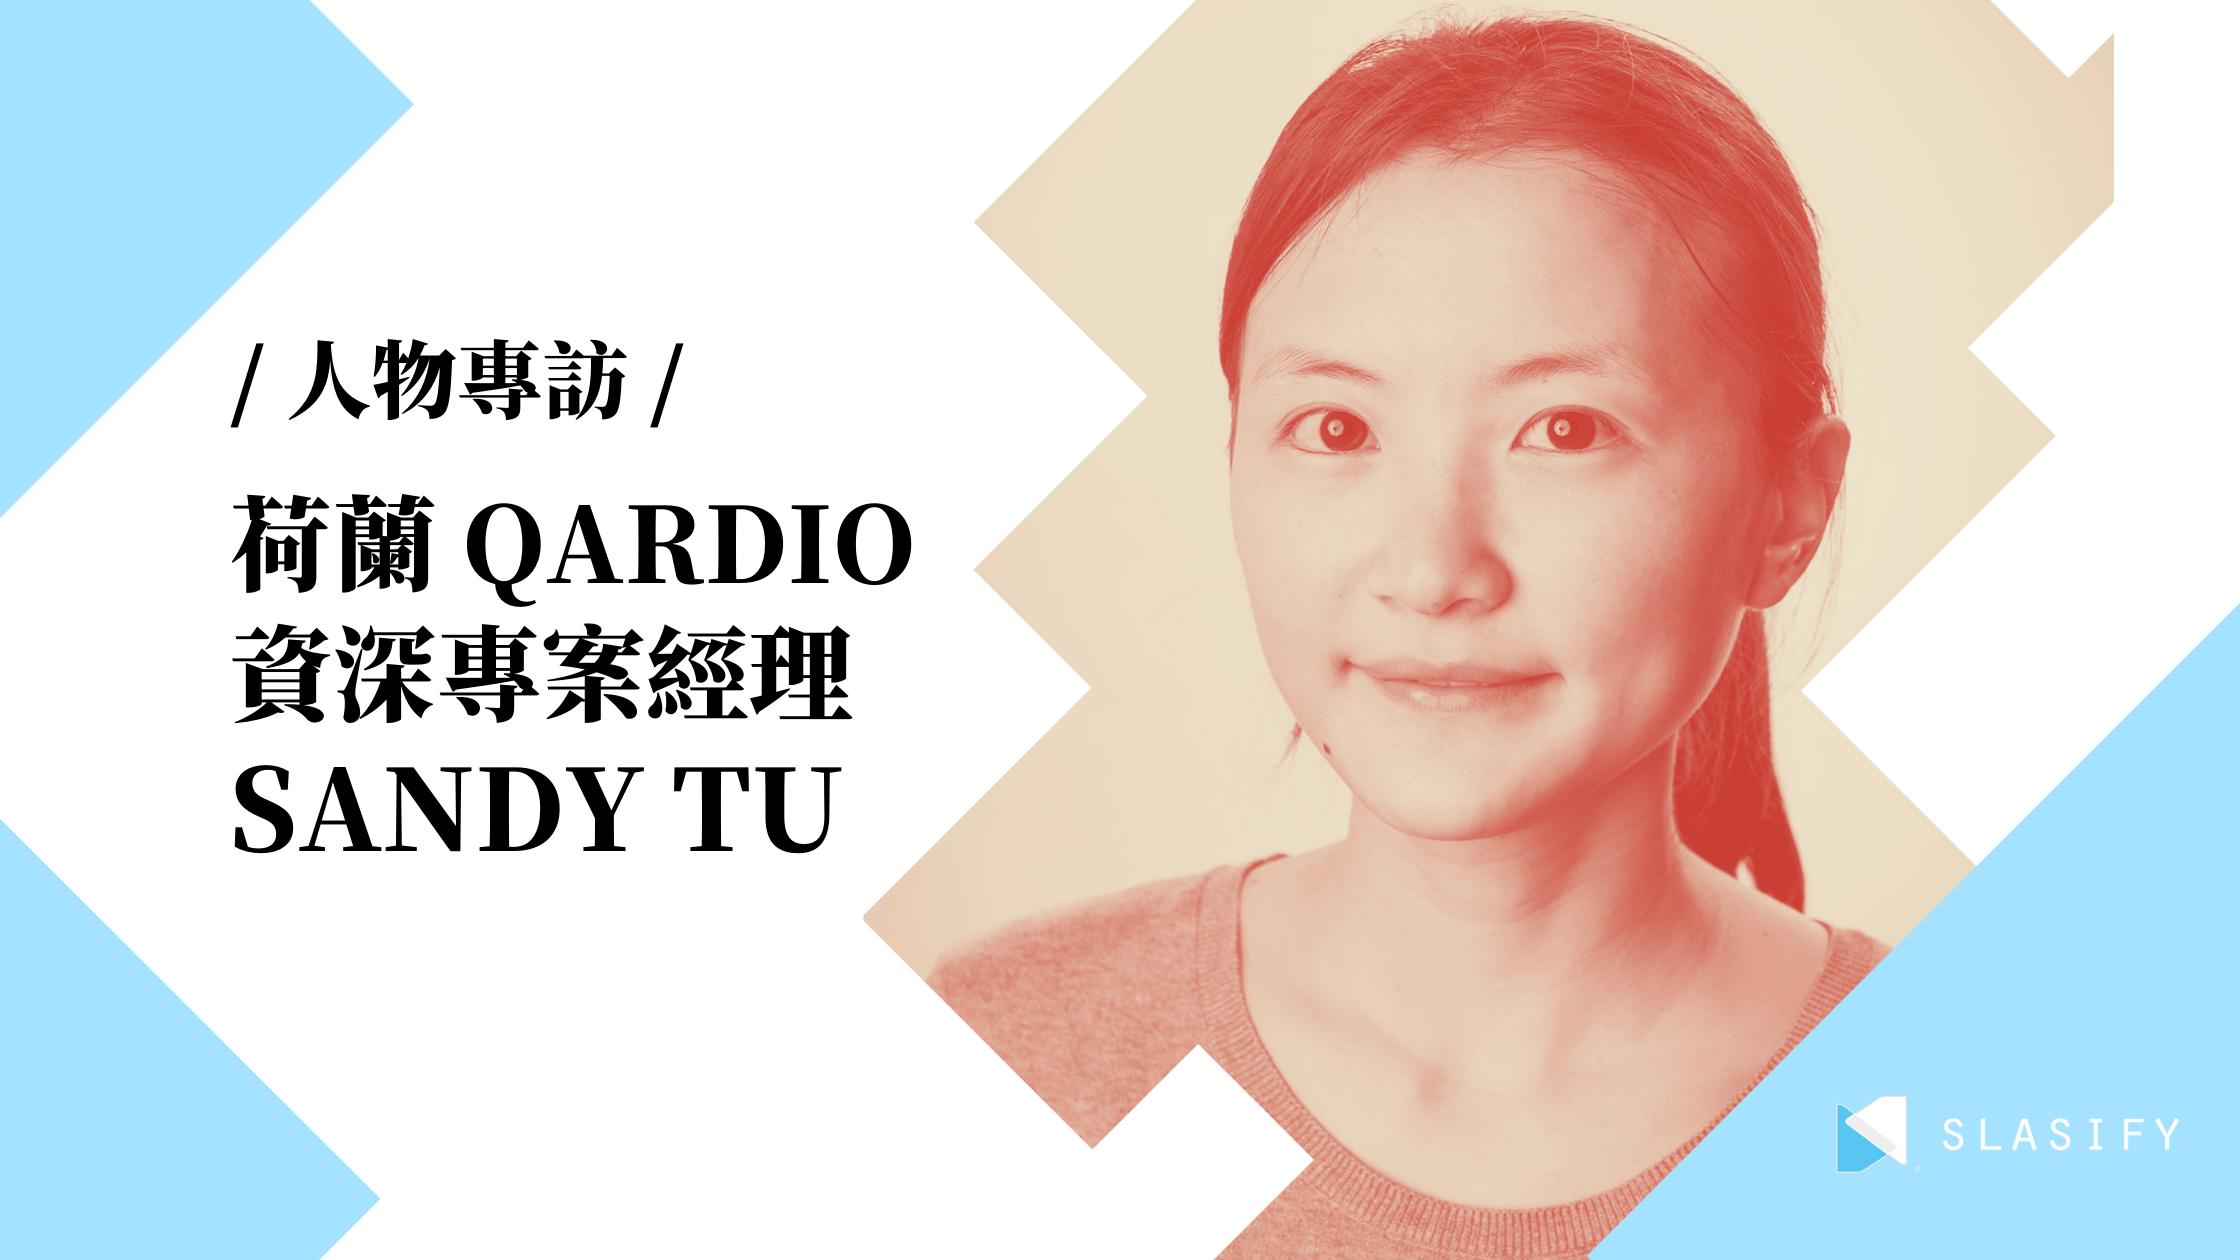 人物專訪|荷蘭 Qardio 資深專案經理 Sandy Tu 藝術管理轉行醫療科技 海外遠距工作實踐